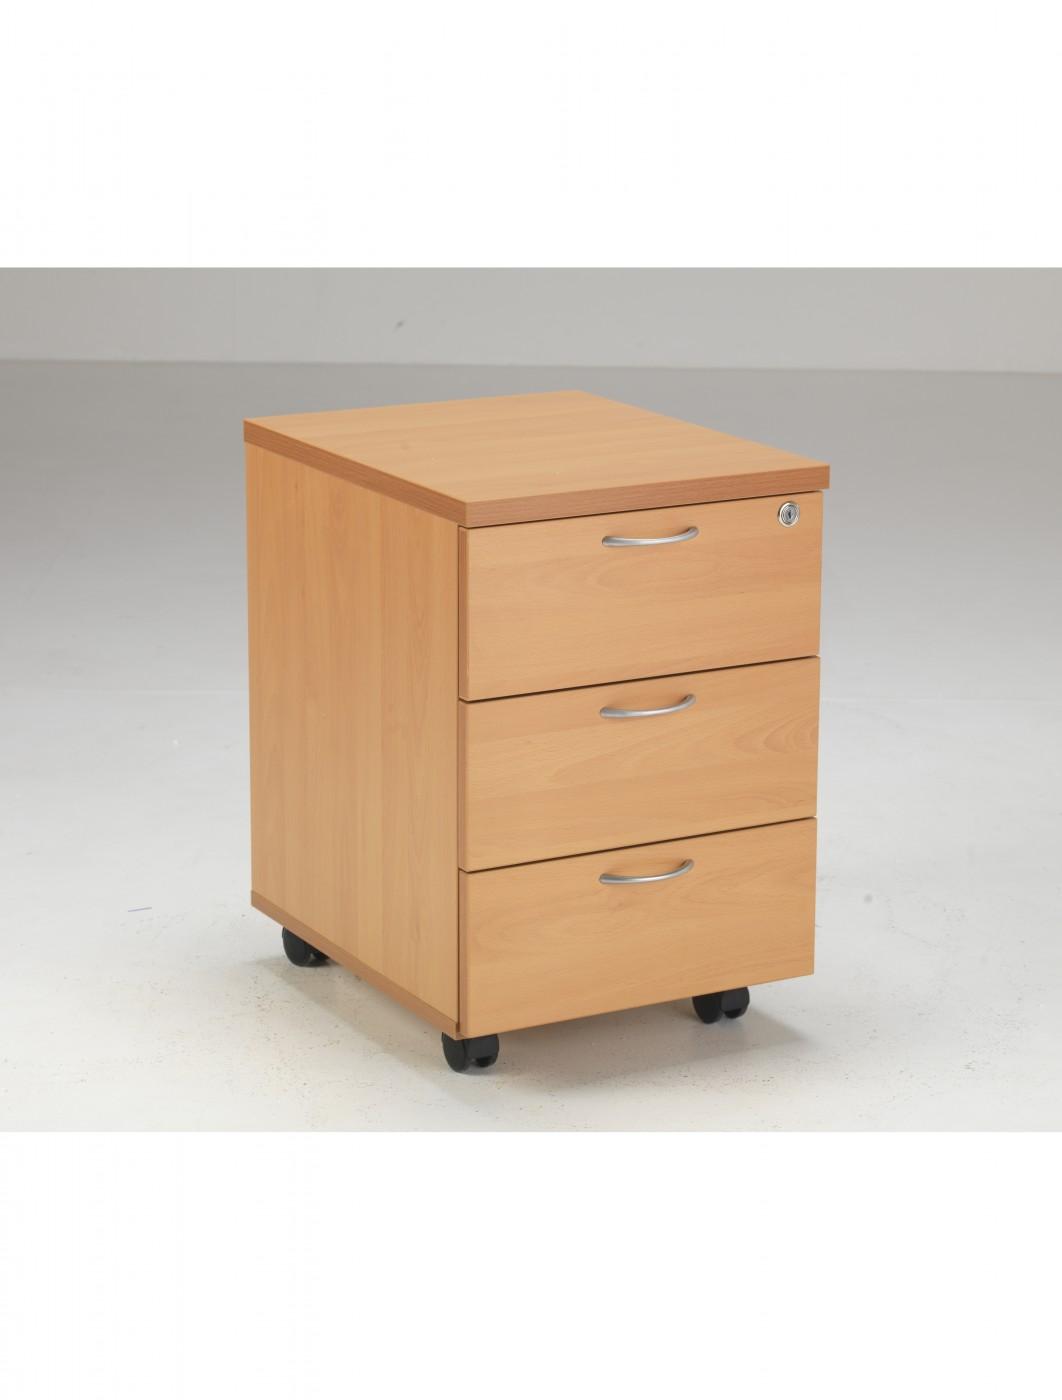 tc desk and pedestal lite1680bund3be 121 office furniture. Black Bedroom Furniture Sets. Home Design Ideas